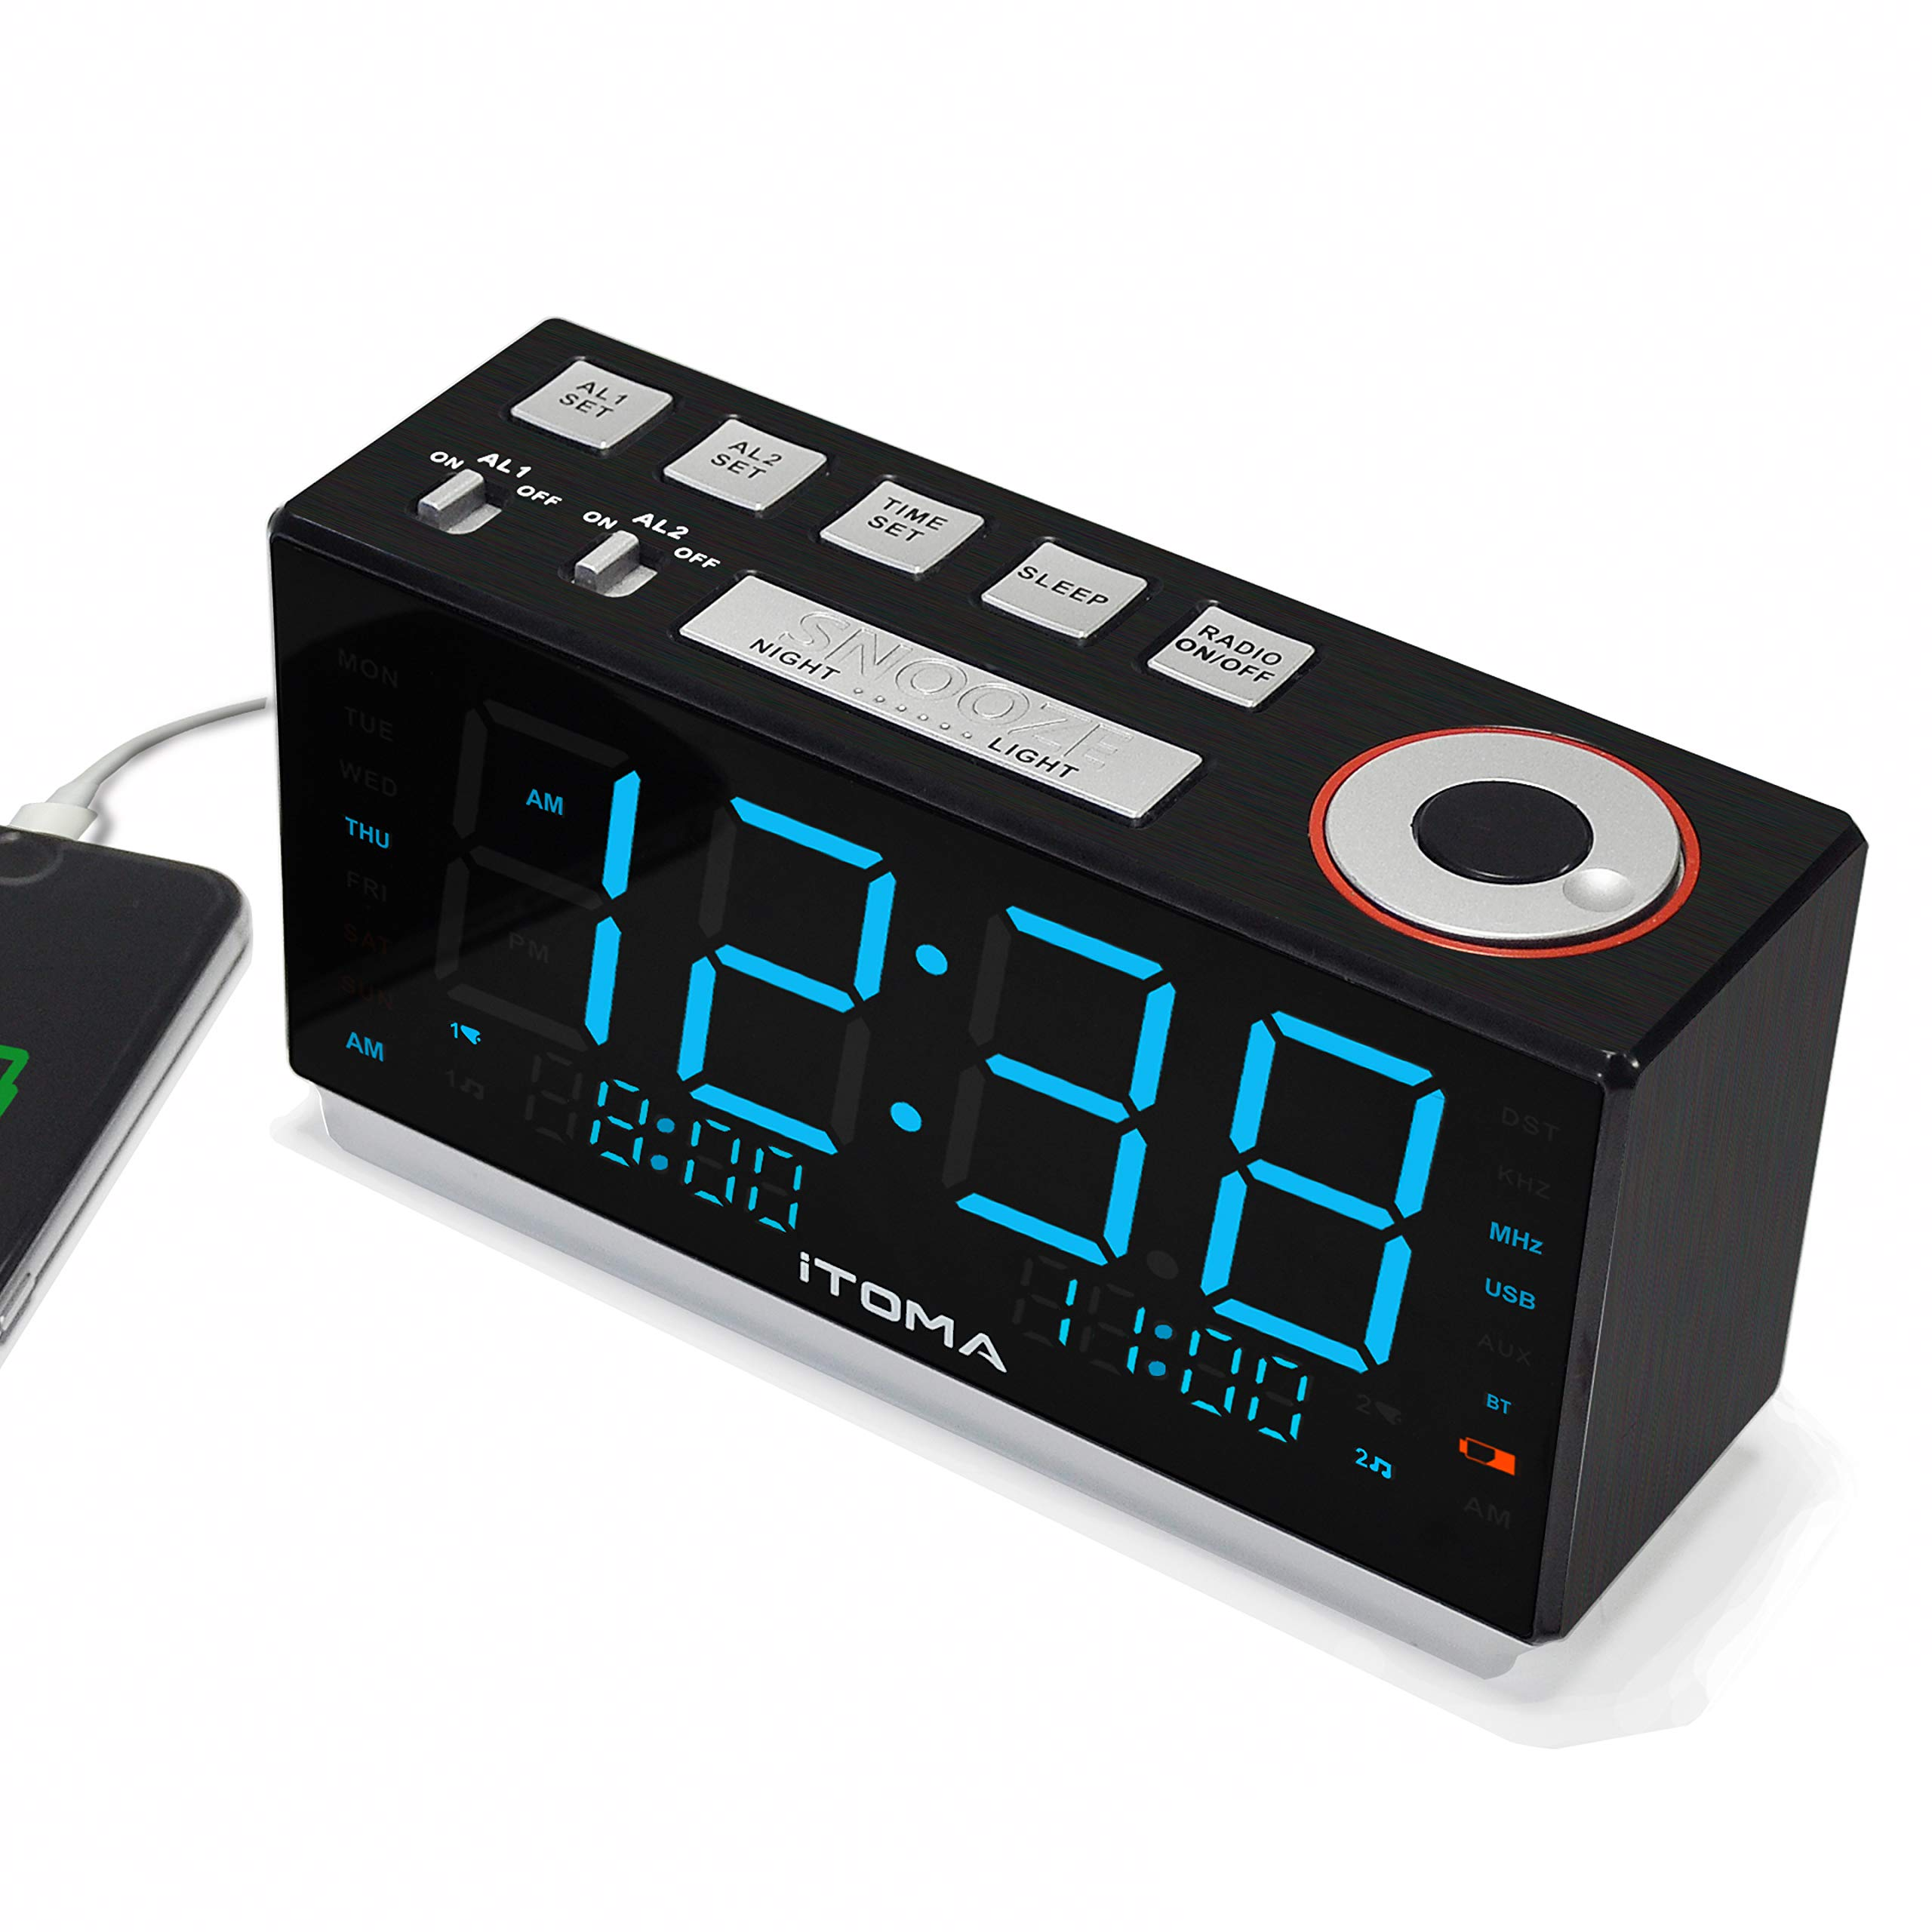 iTOMA CKS703 1,8-Zoll-LED-Anzeige 4-Stufen-Dimmer wei/ßes Rauschen USB-Ladeanschluss Sicherungsbatterie iTOMA FM Digital Radiowecker//Wecker mit Zwei Alarmen